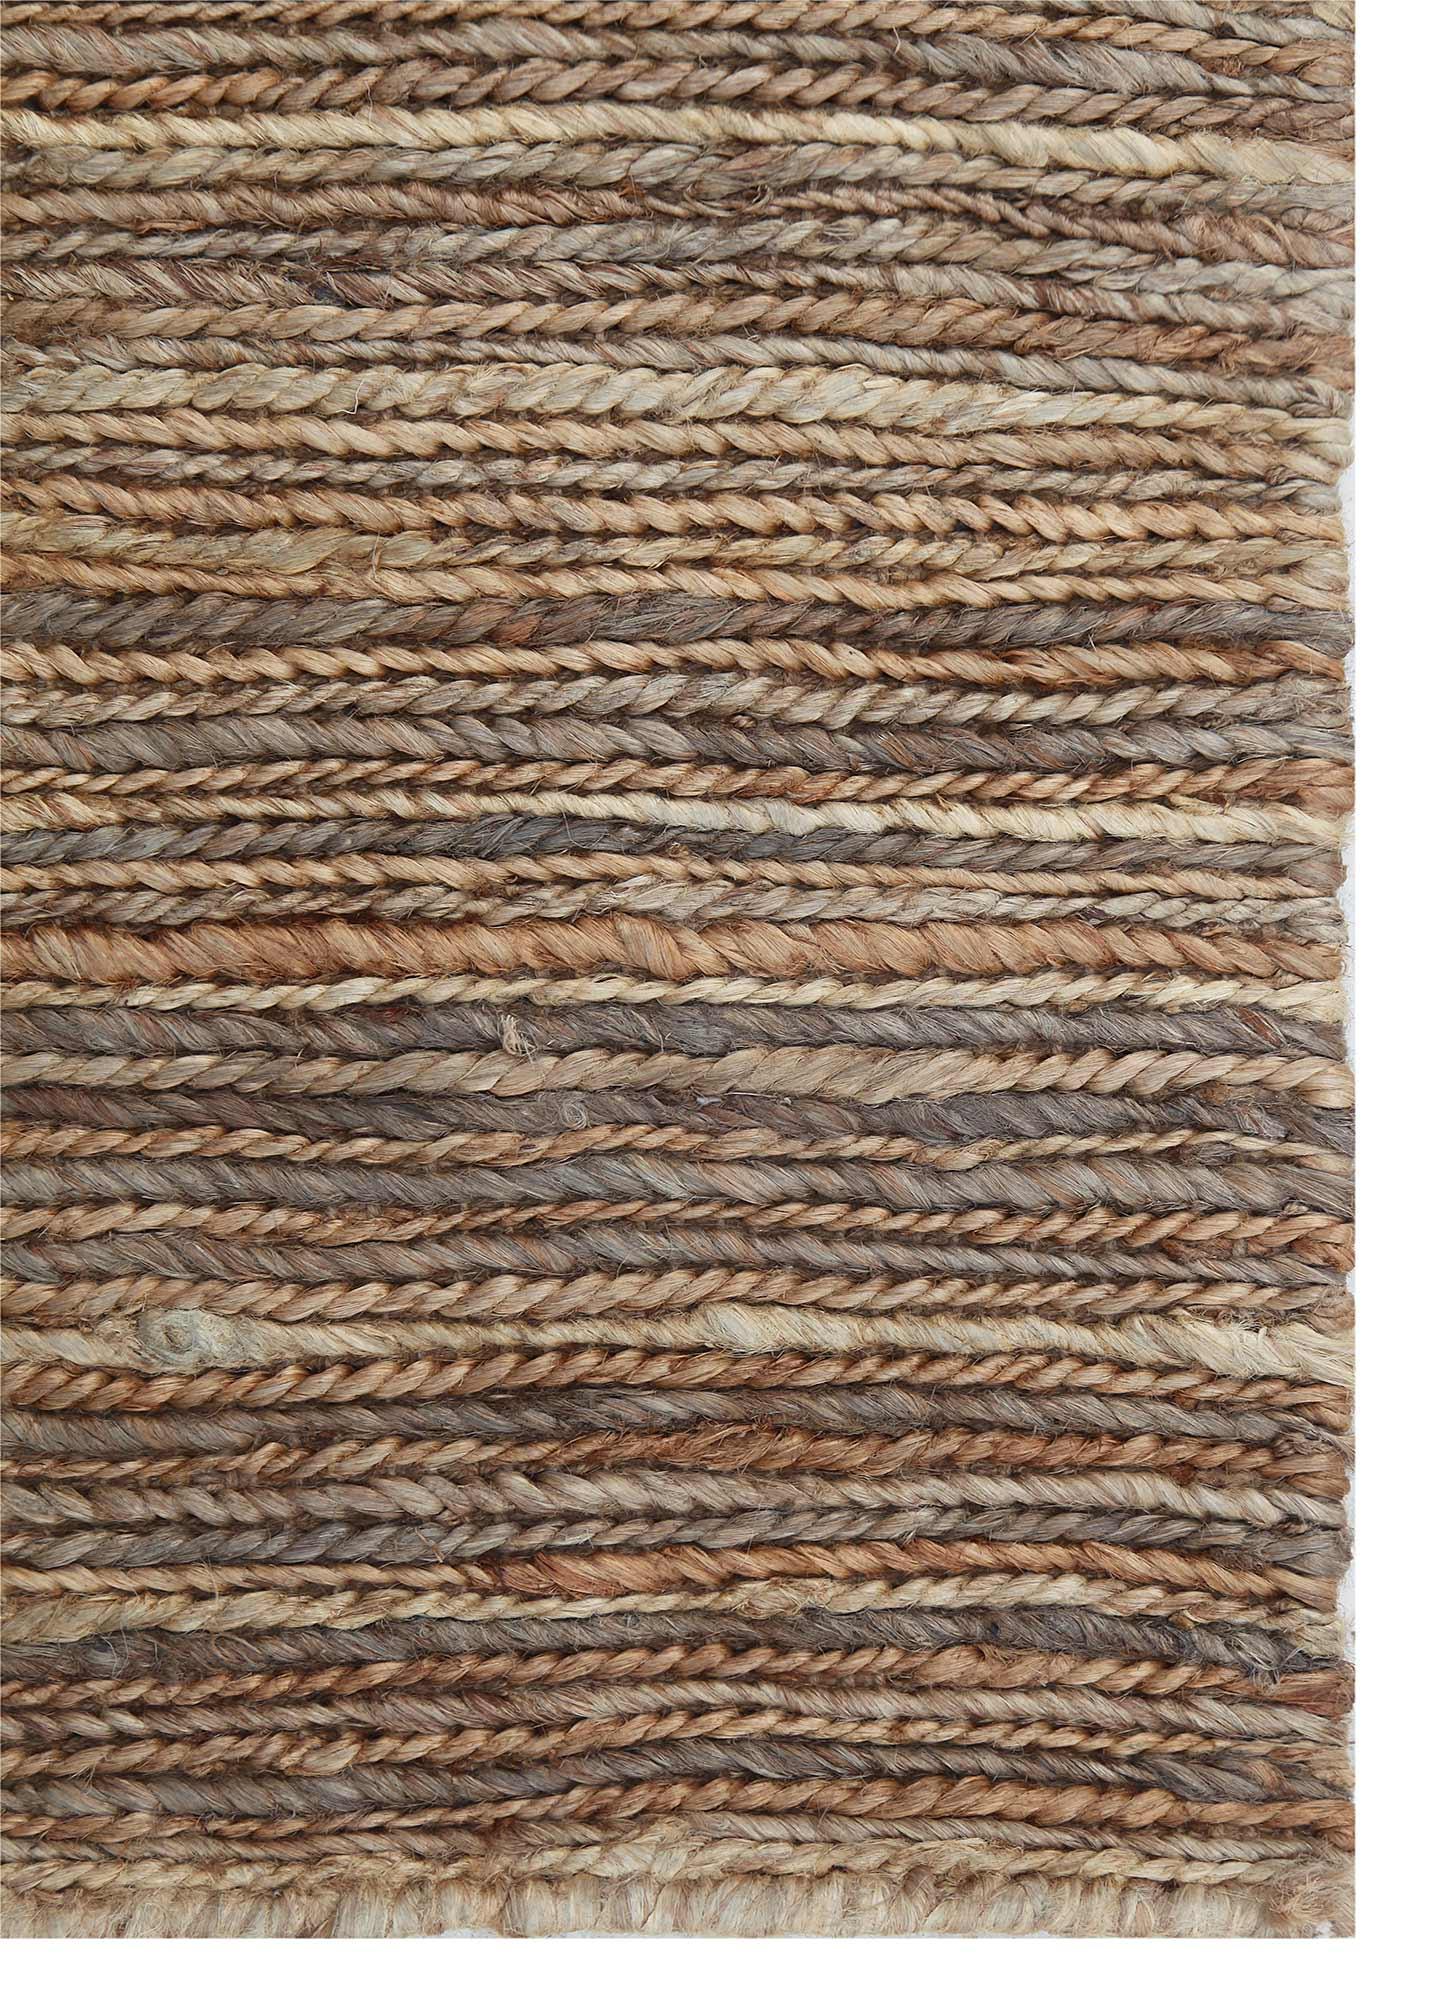 abrash beige and brown jute and hemp flat weaves Rug - Corner